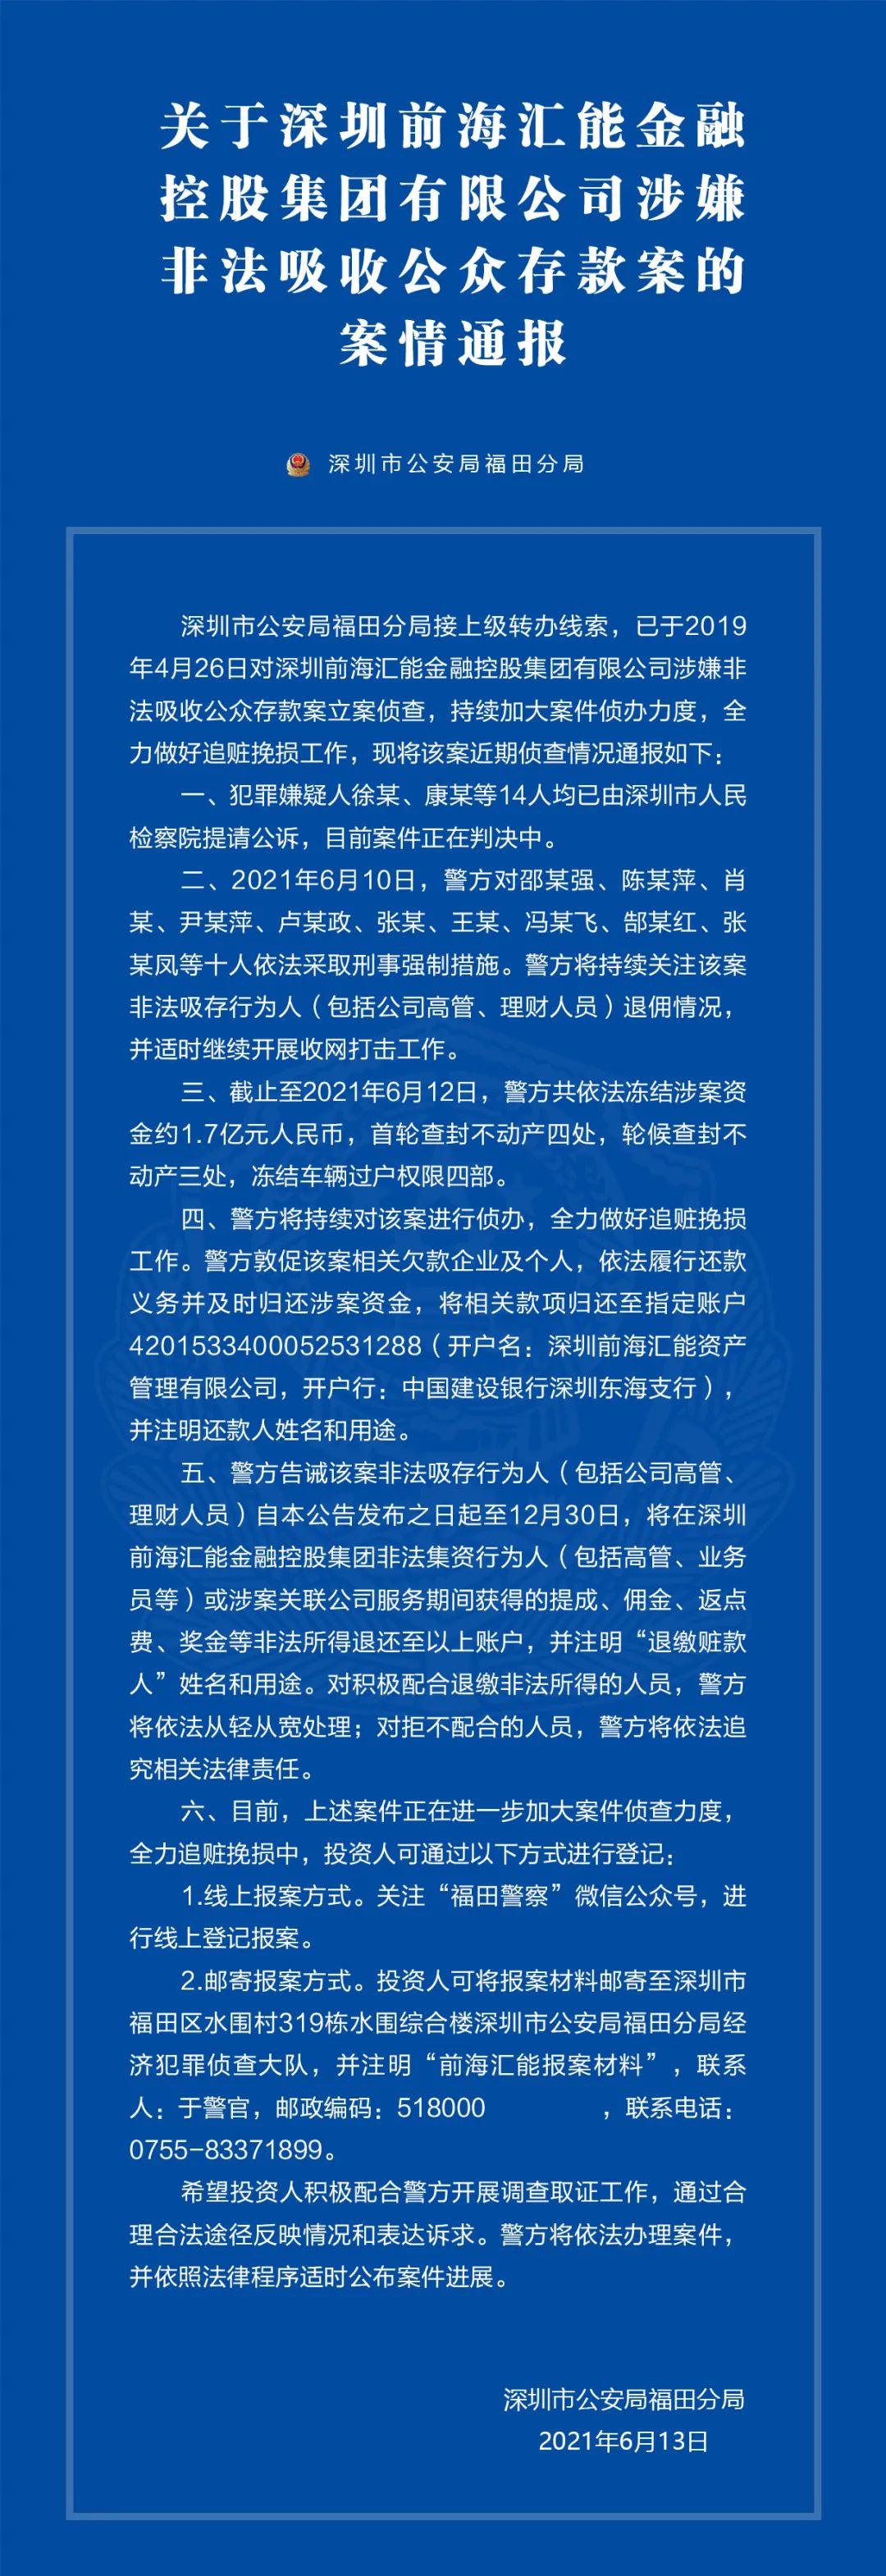 """P2P平台""""前海汇能""""有新进展:14人已被提起公诉 冻结涉案资金约1.7亿"""